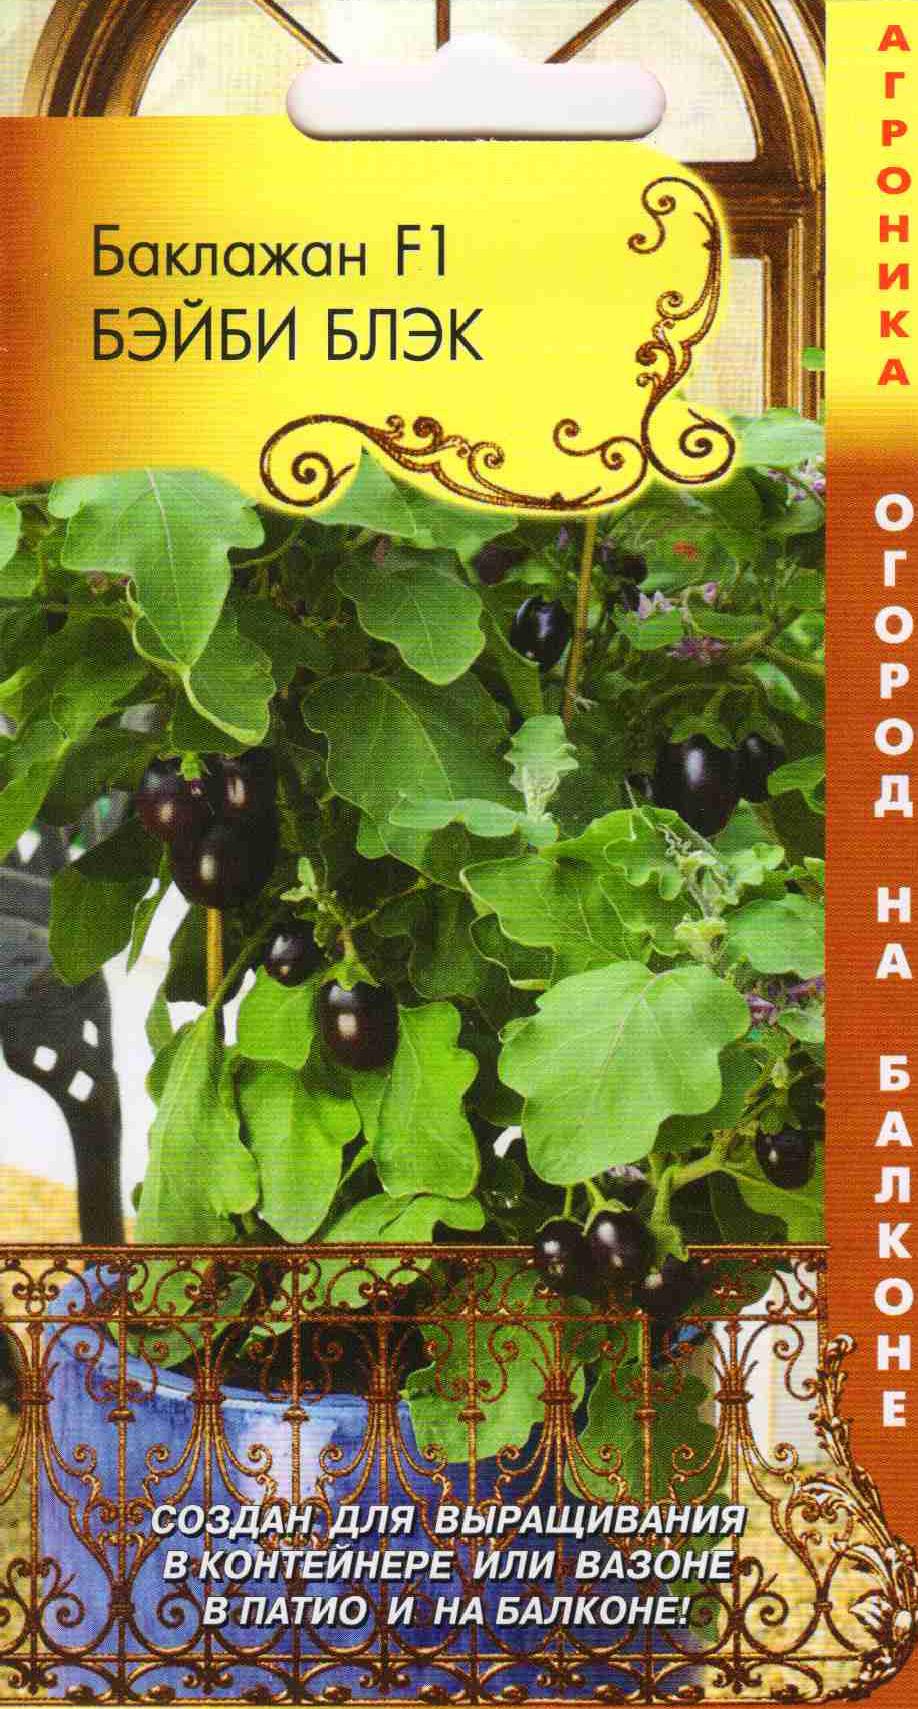 Баклажан f1 бэйби блэк - купить семена овощей и трав в интер.